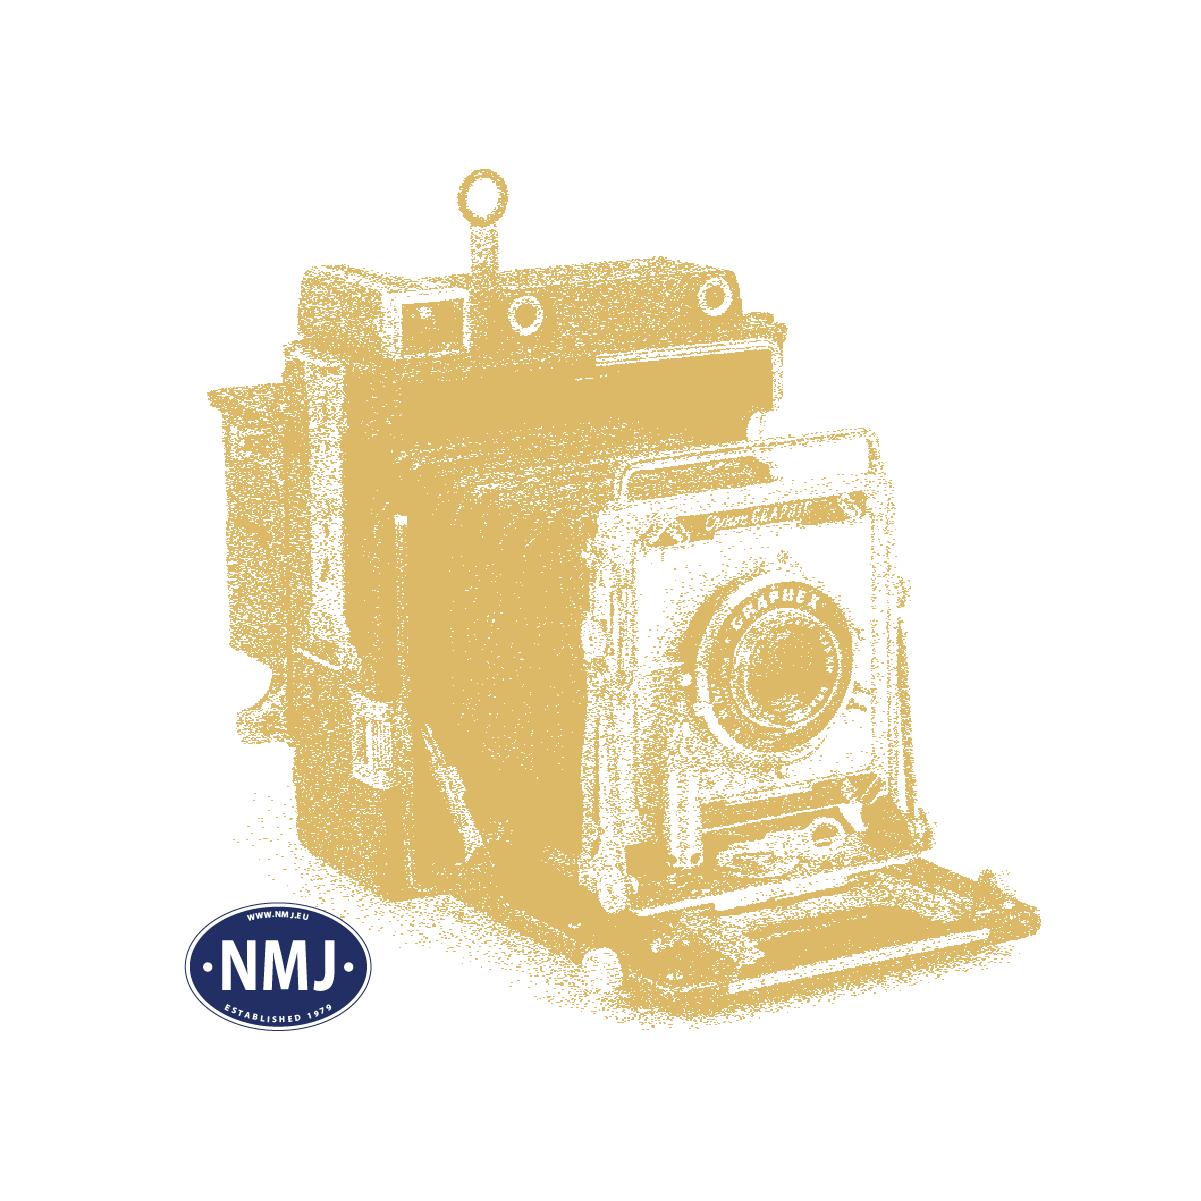 NOC15481 - Fotgjengere